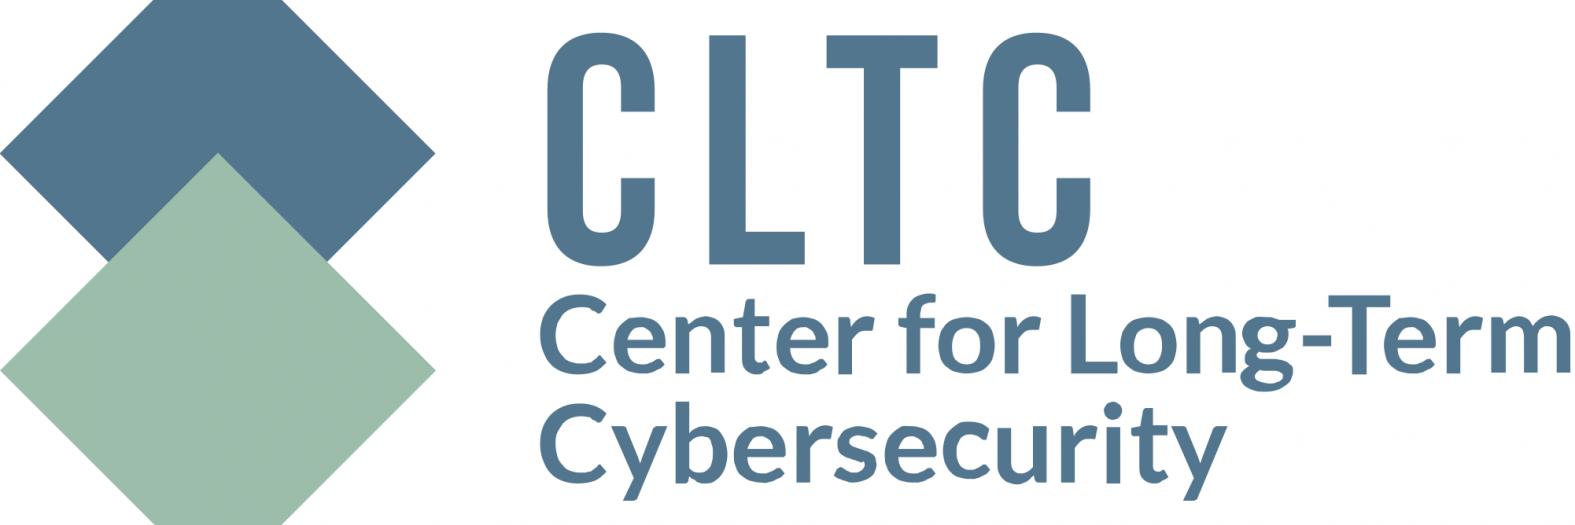 cltc-logo_0.png